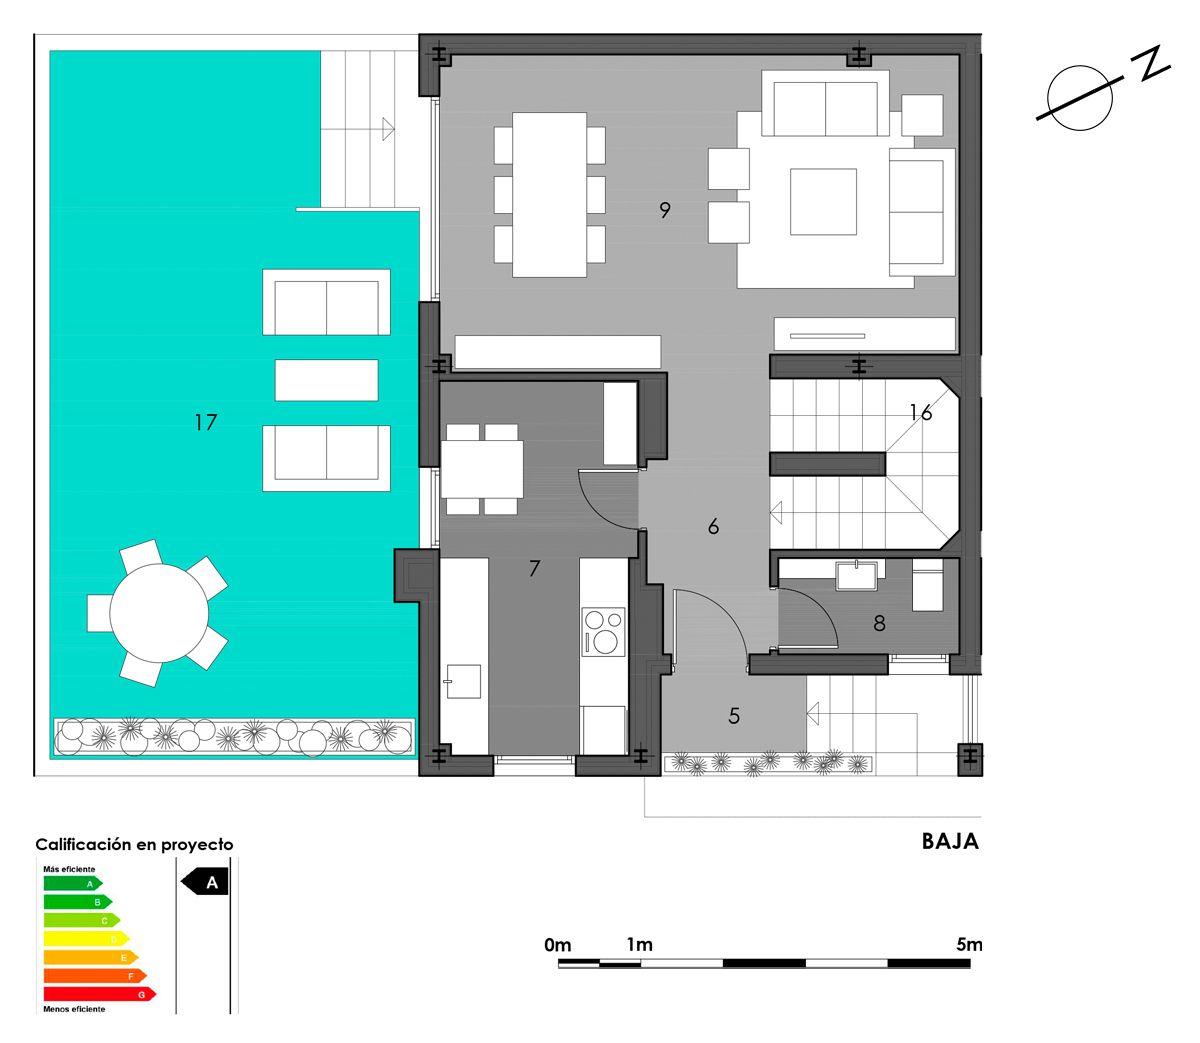 planta baja vivienda 2 con cocina cerrada